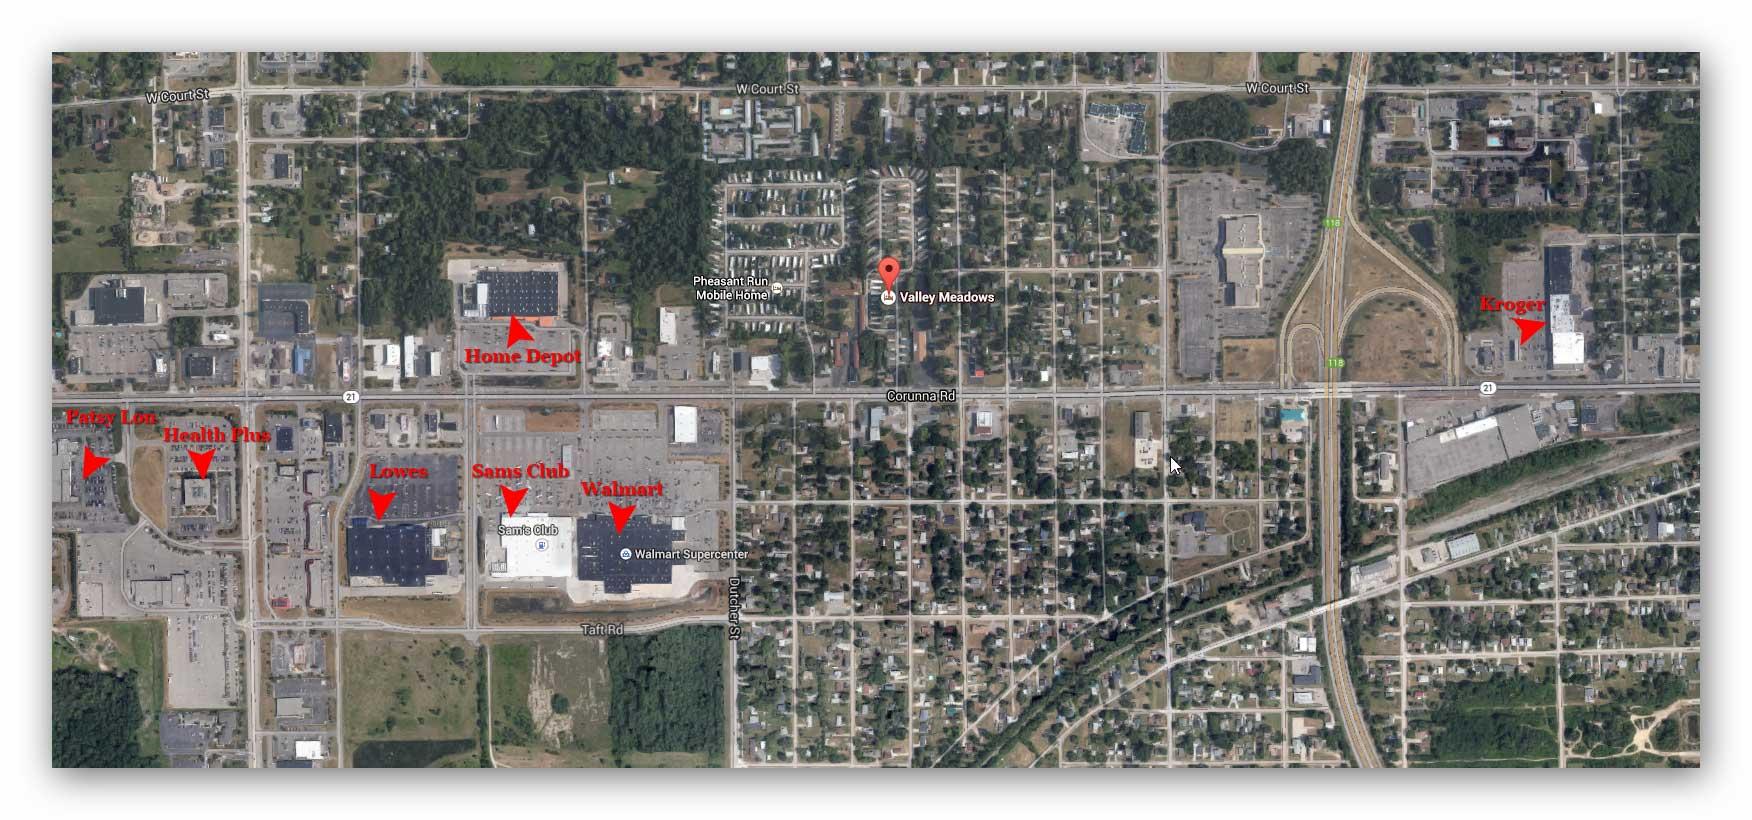 Flint Township Employers